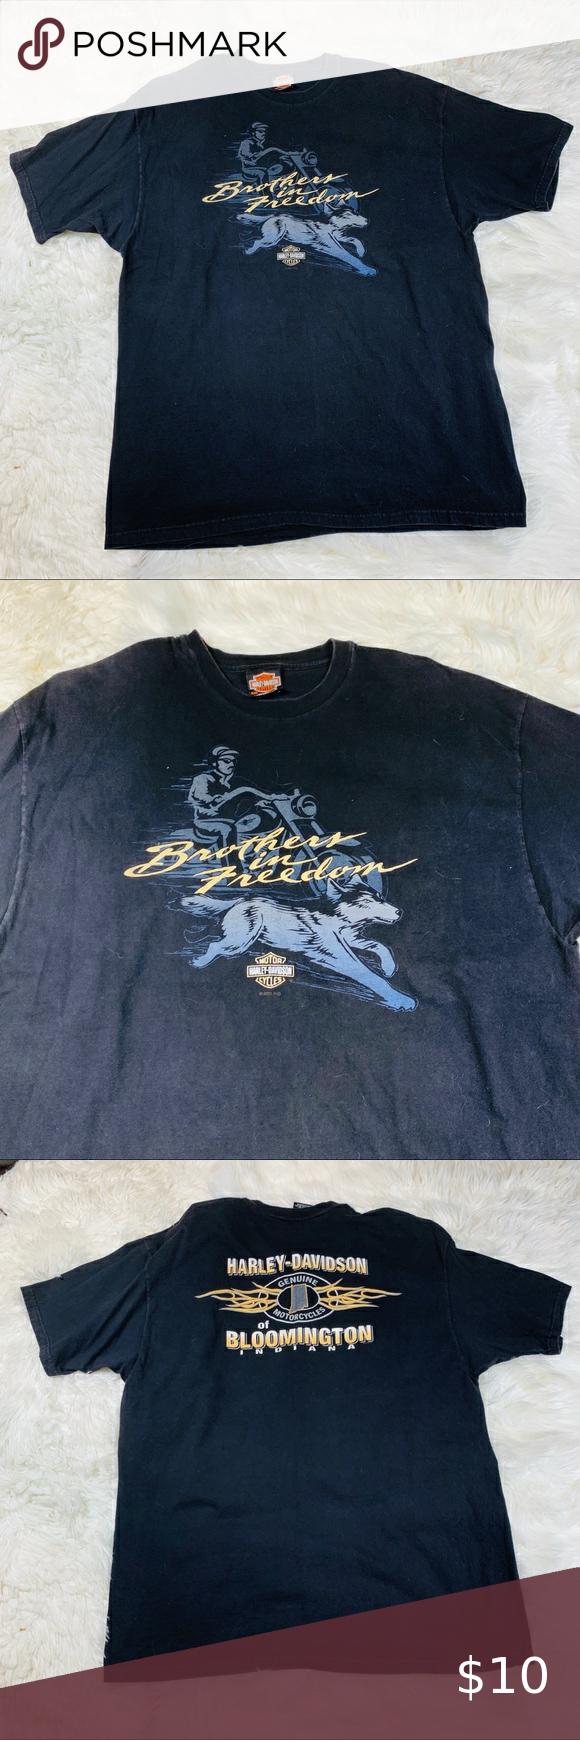 10 25 Hd Black Brothers In Freedom Tee Xxl Freedom Tee Harley Davidson Shirt Tees